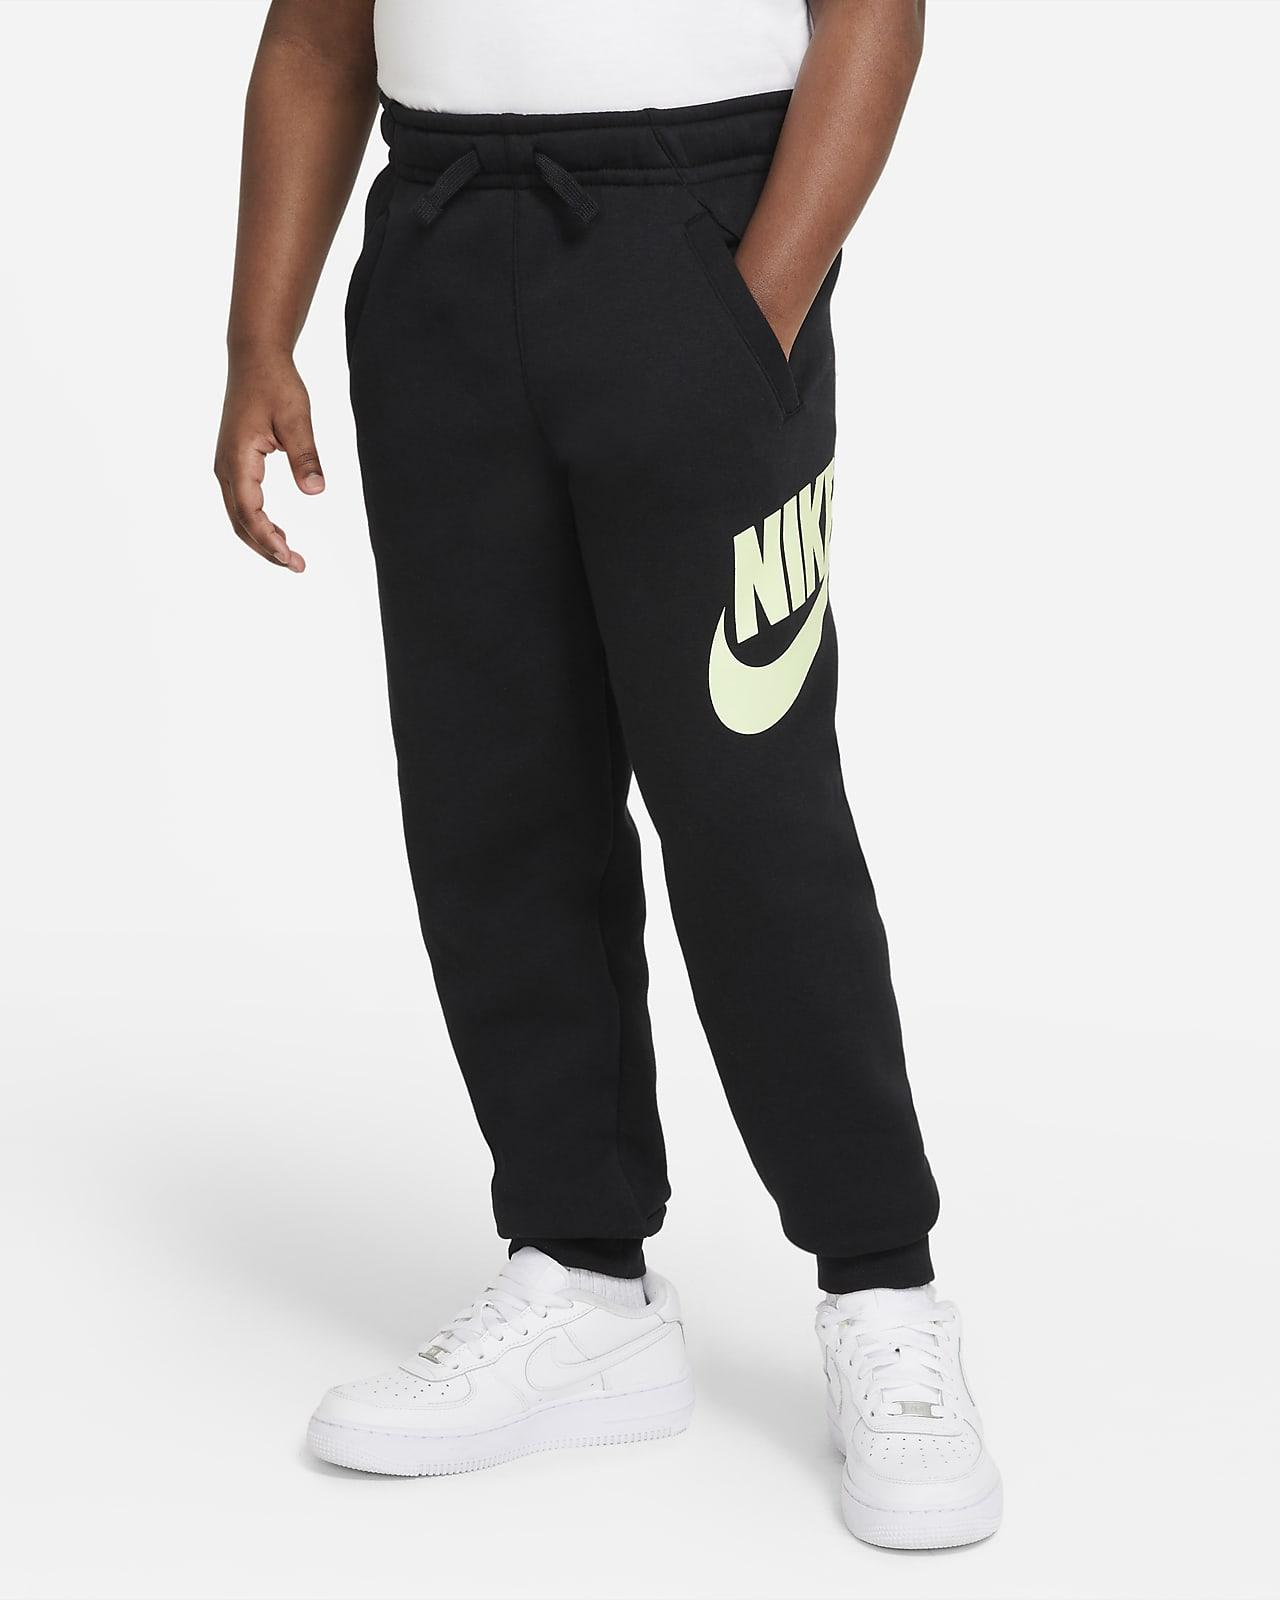 Nike Sportswear Club Fleece Hose für ältere Kinder (Jungen) (erweiterte Größe)